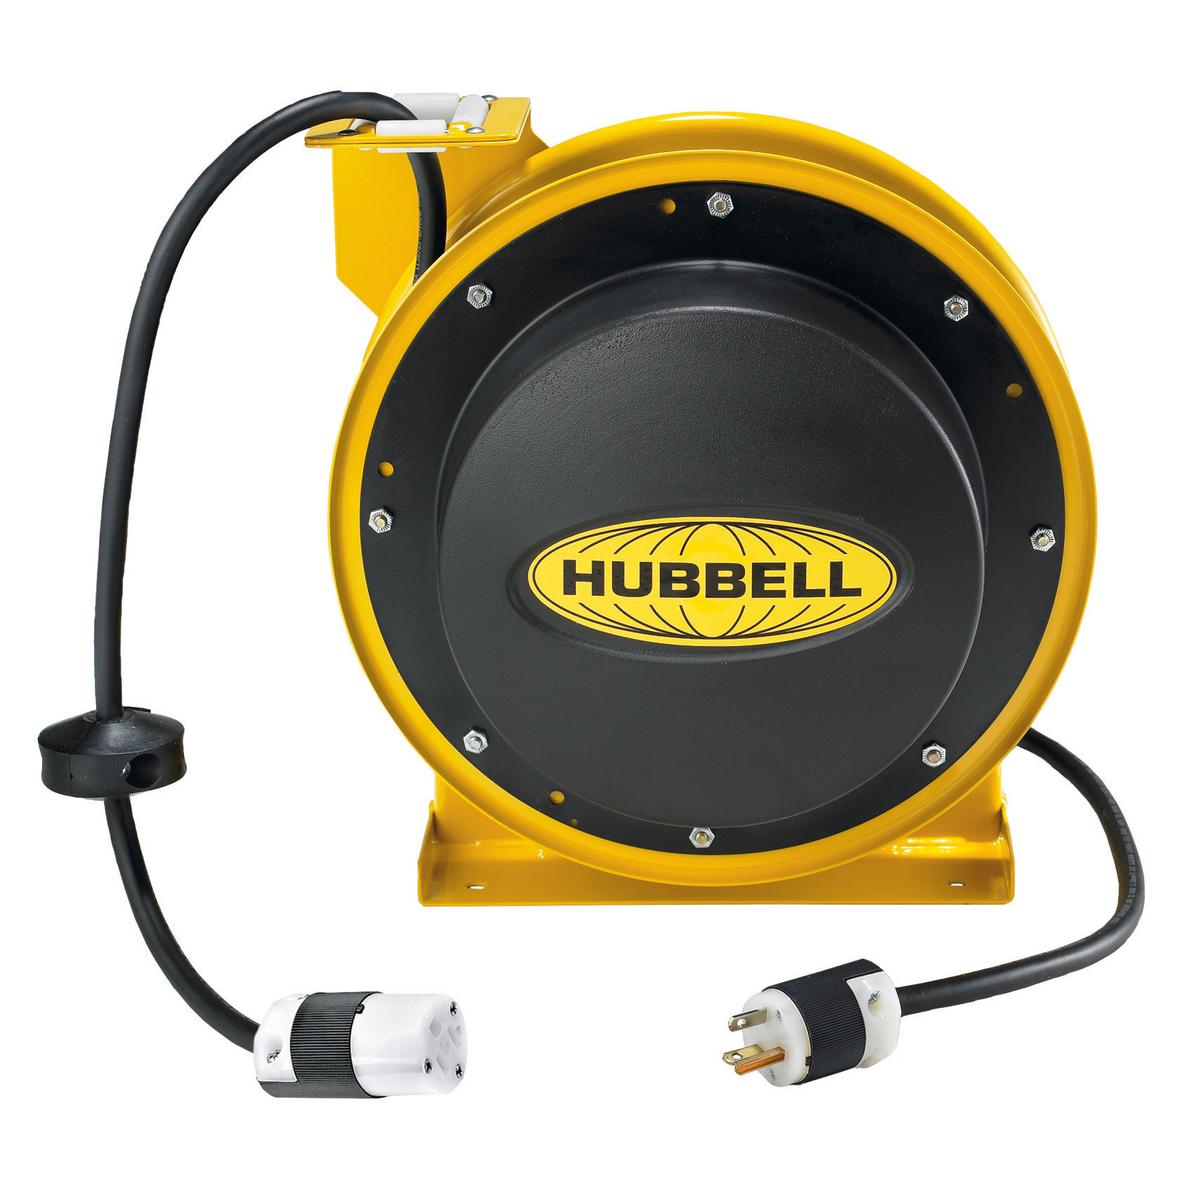 Hubbell HBL45123C20CORD REEL w/HBL5369C, 45' 12/3